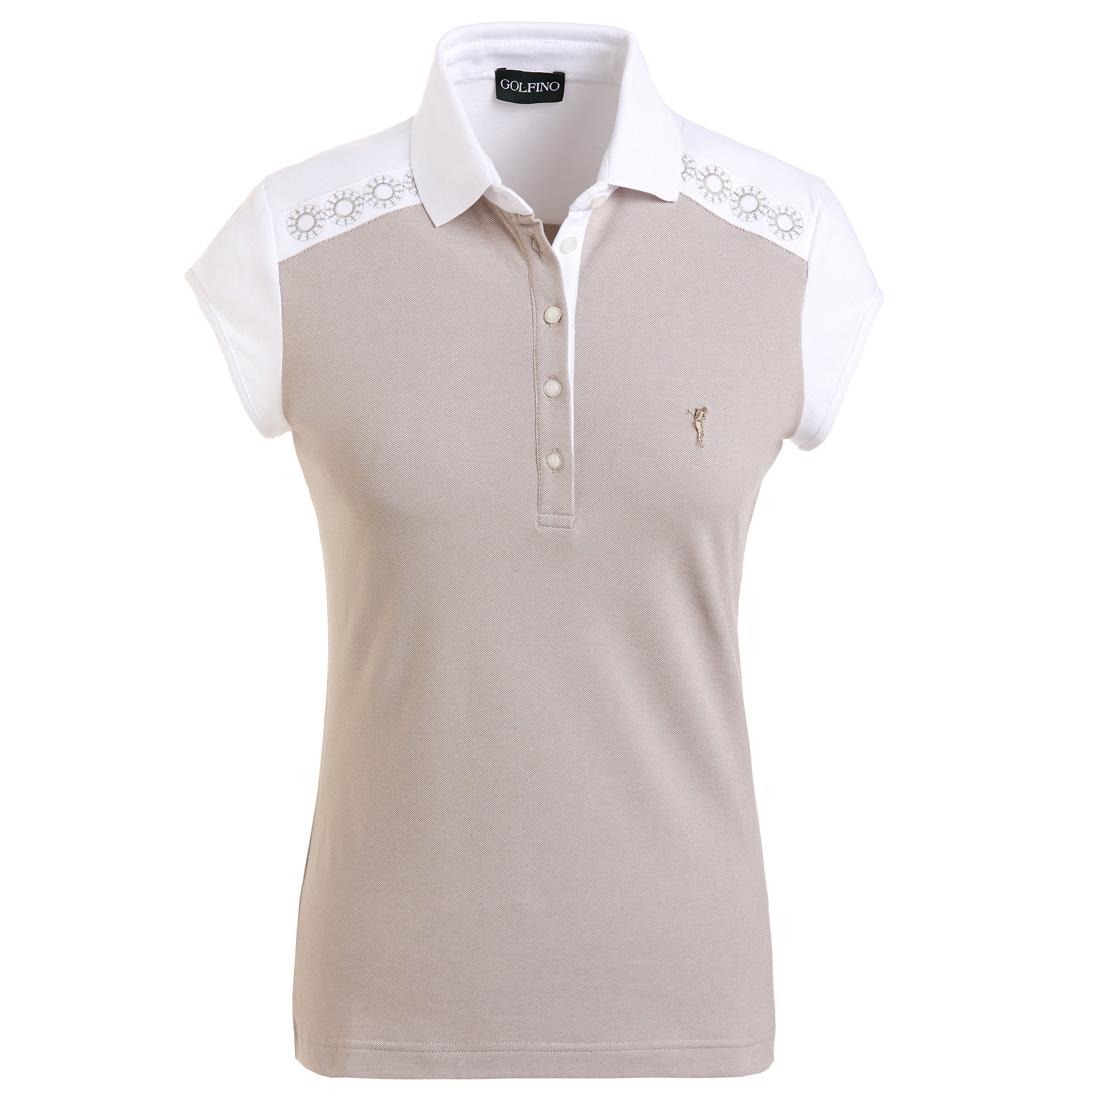 golfino polo de golf pour femme avec sun protection et une superbe broderie en slim fit achetez. Black Bedroom Furniture Sets. Home Design Ideas